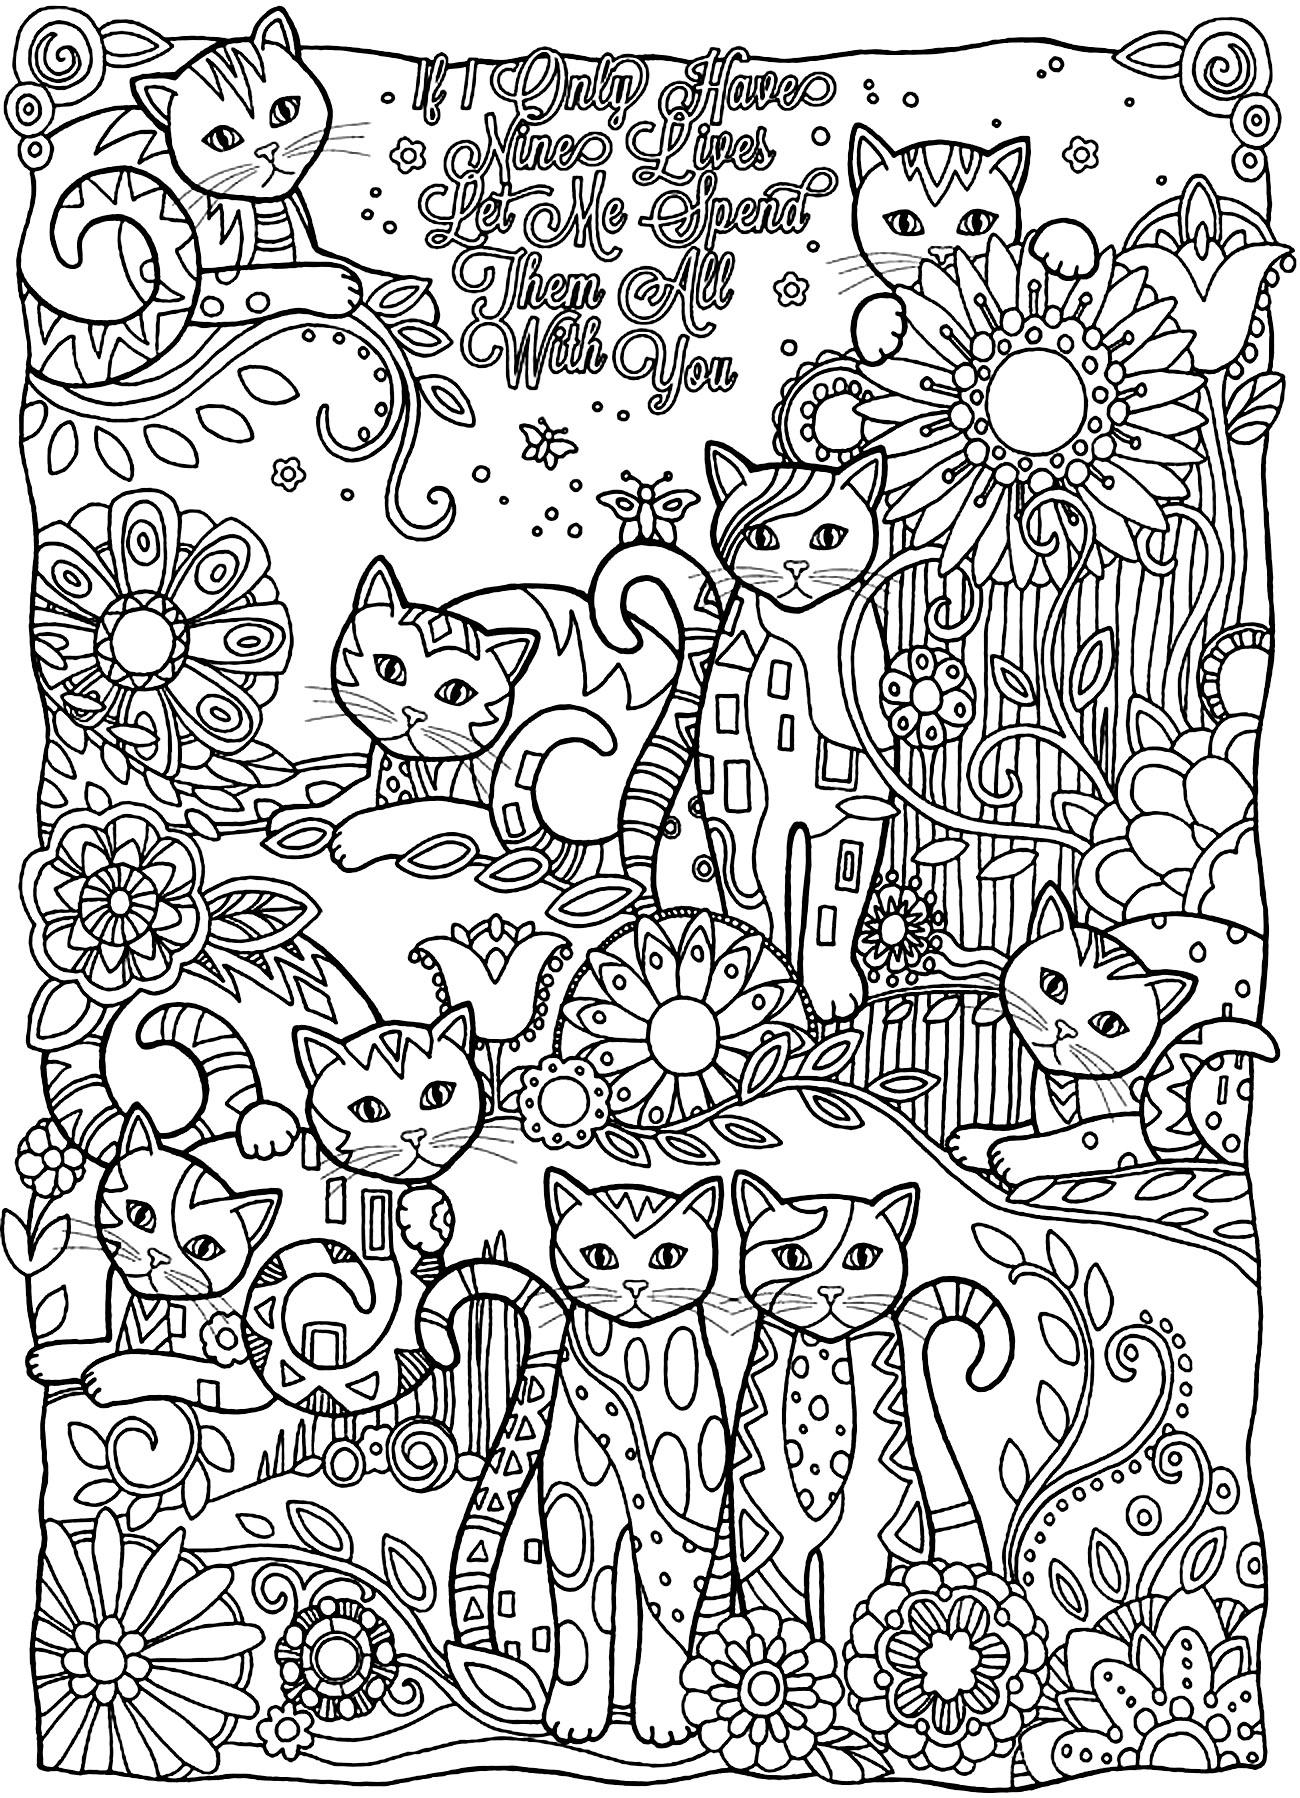 Gatos 21345 - Gatos - Colorear para Adultos